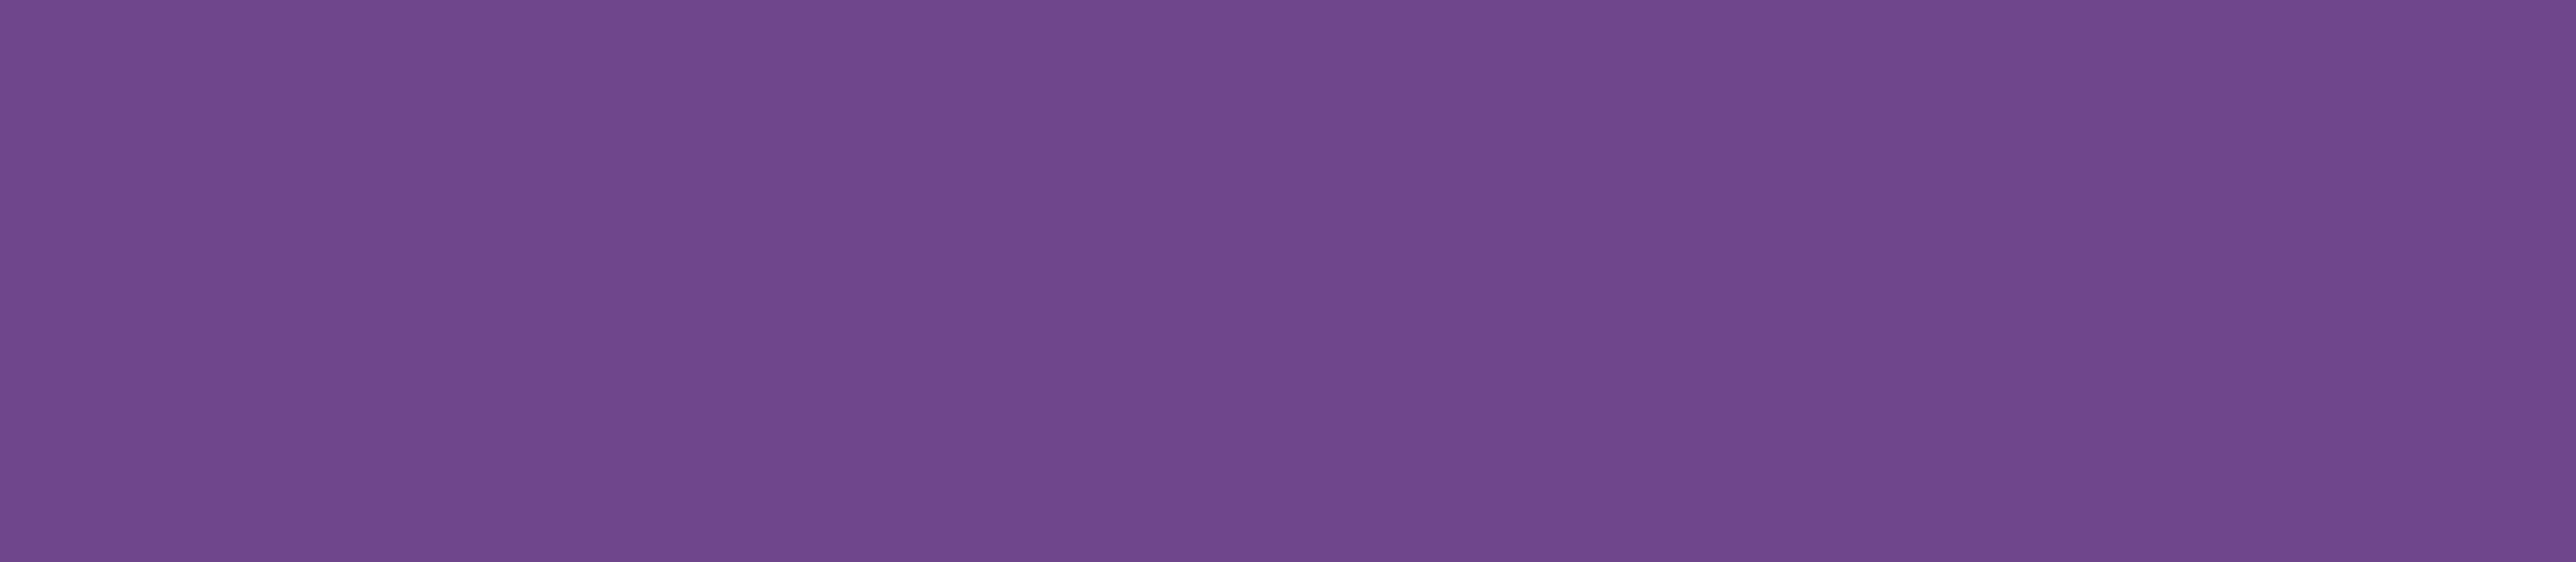 PROTOCOLO DE INGRESO Y PERMANENCIA PARA PERSONAL Y ESTUDIANTES A LAS INSTALACIONES DE LA FACULTAD DE CIENCIAS VETERINARIAS DE LA UNCPBA (FCV)